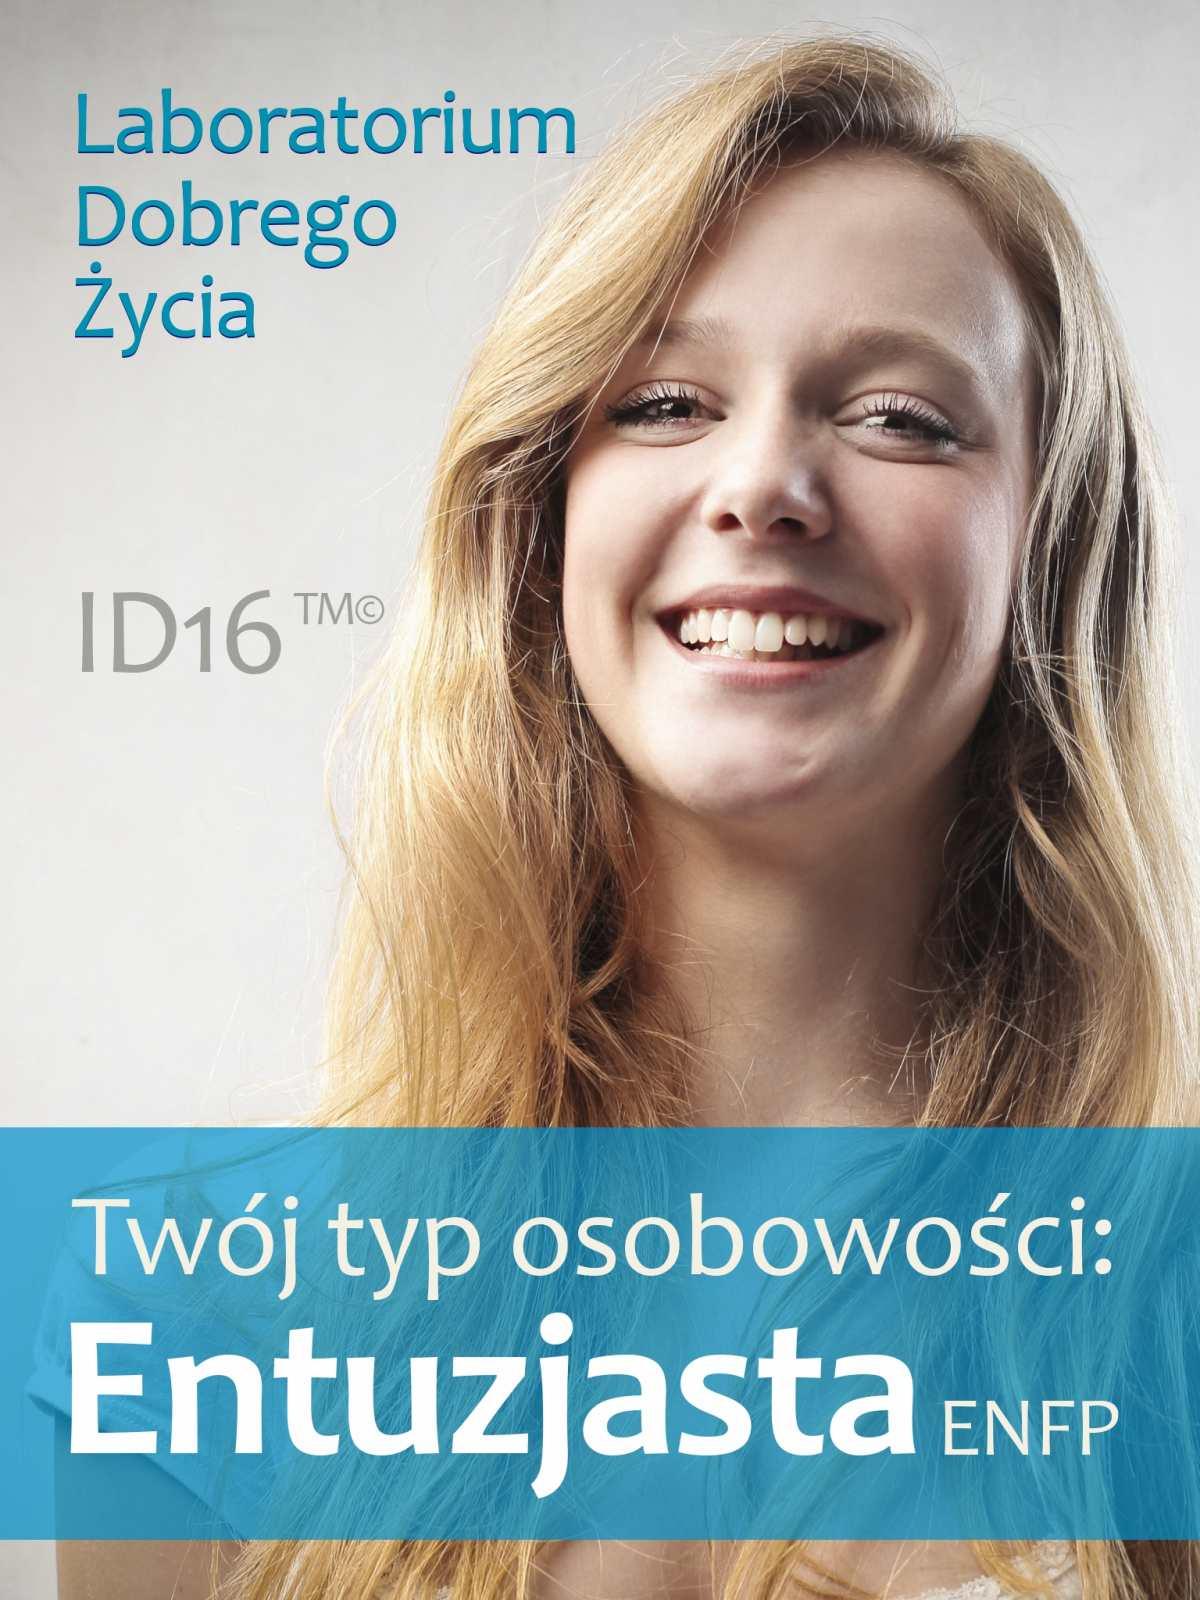 Twój typ osobowości: Entuzjasta (ENFP) - Ebook (Książka na Kindle) do pobrania w formacie MOBI